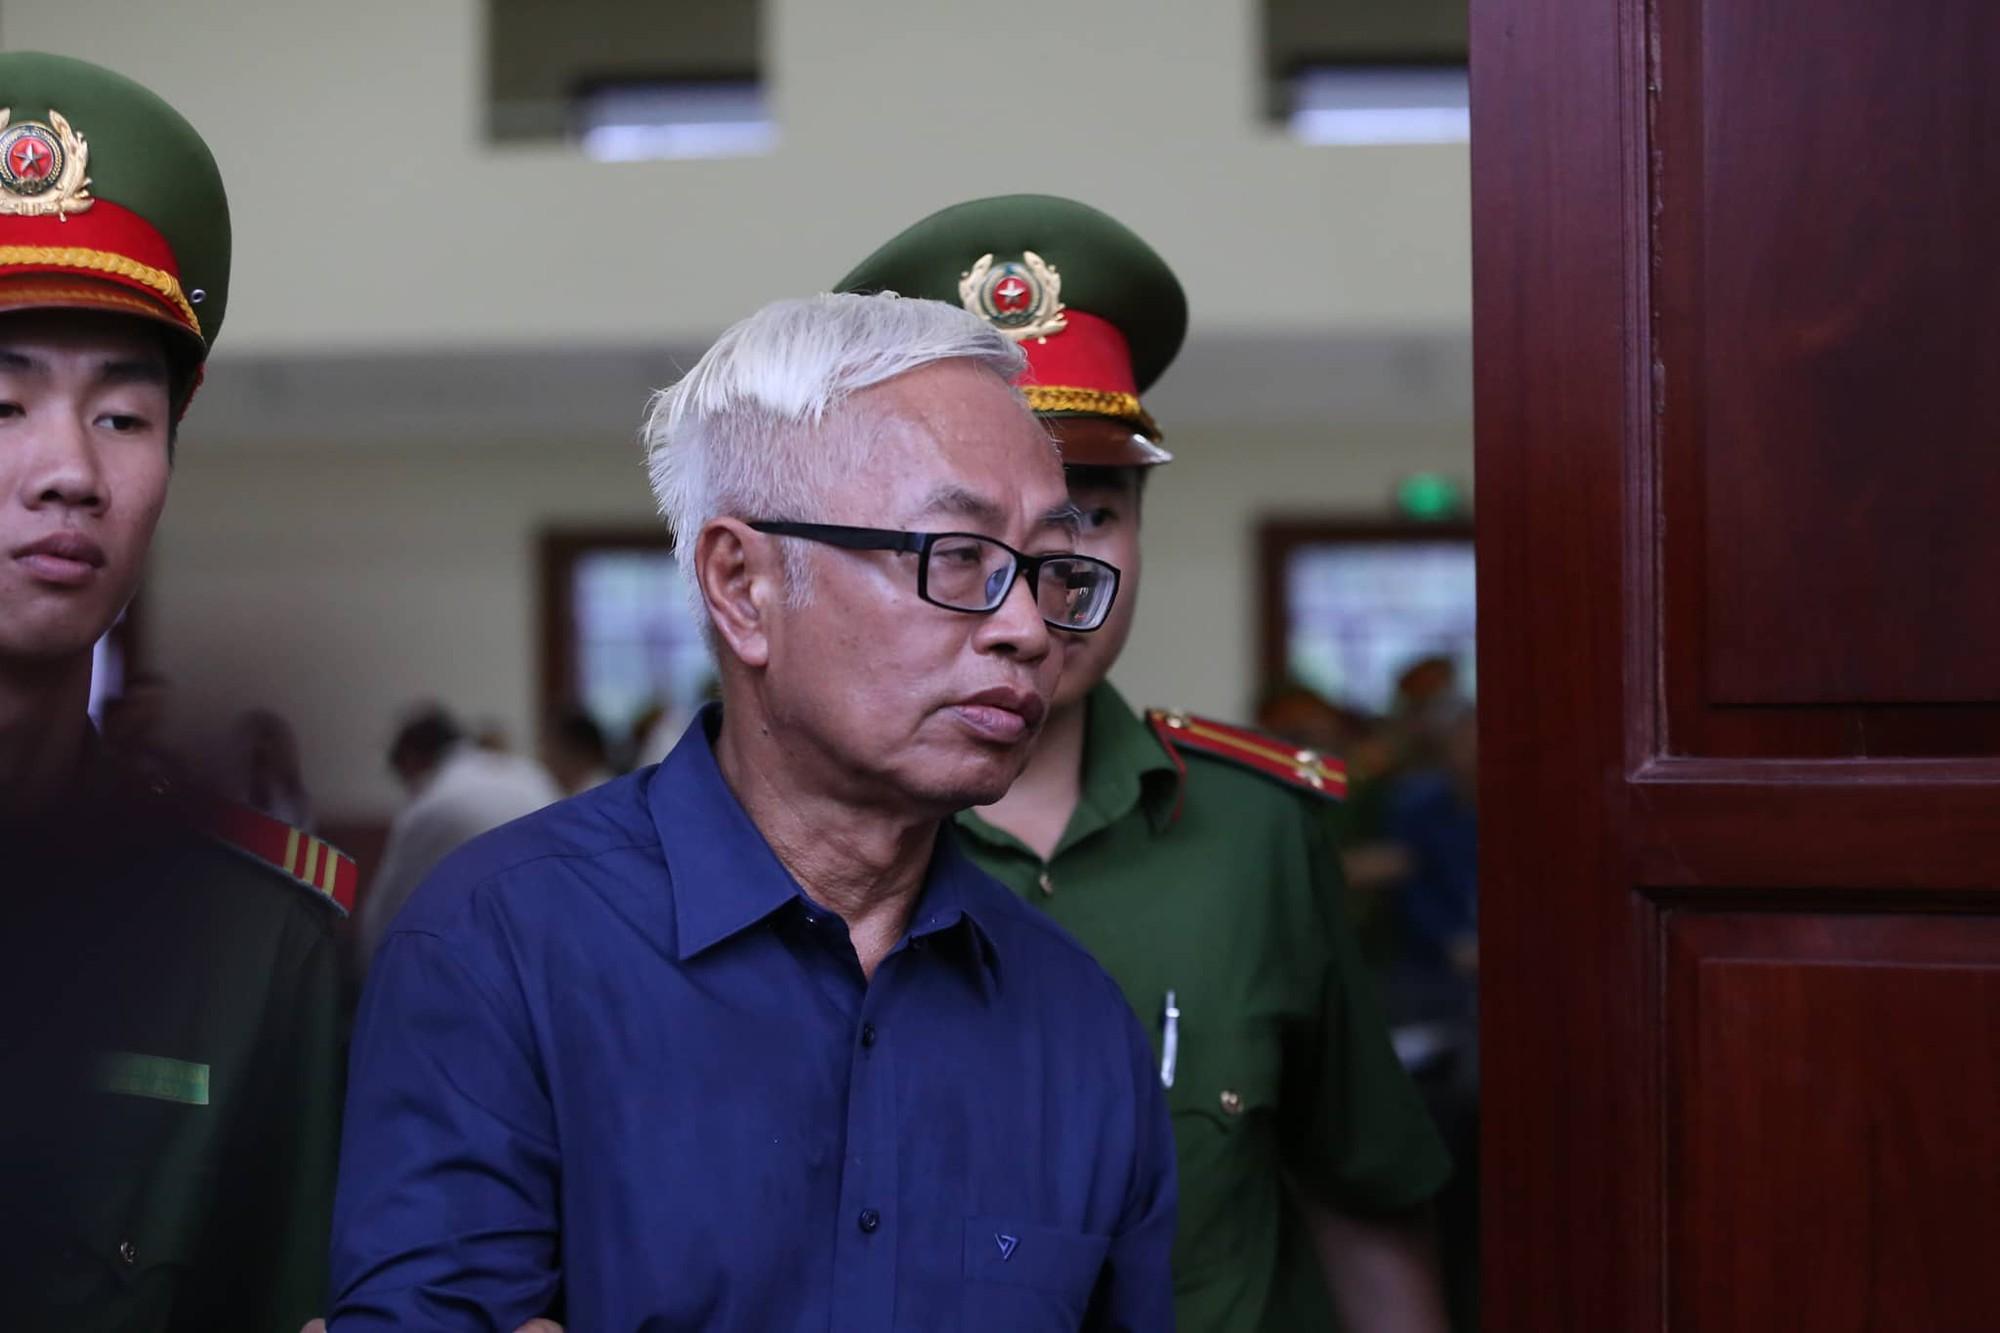 Viện kiểm sát bác kháng cáo kêu oan của Phan Văn Anh Vũ - Ảnh 2.